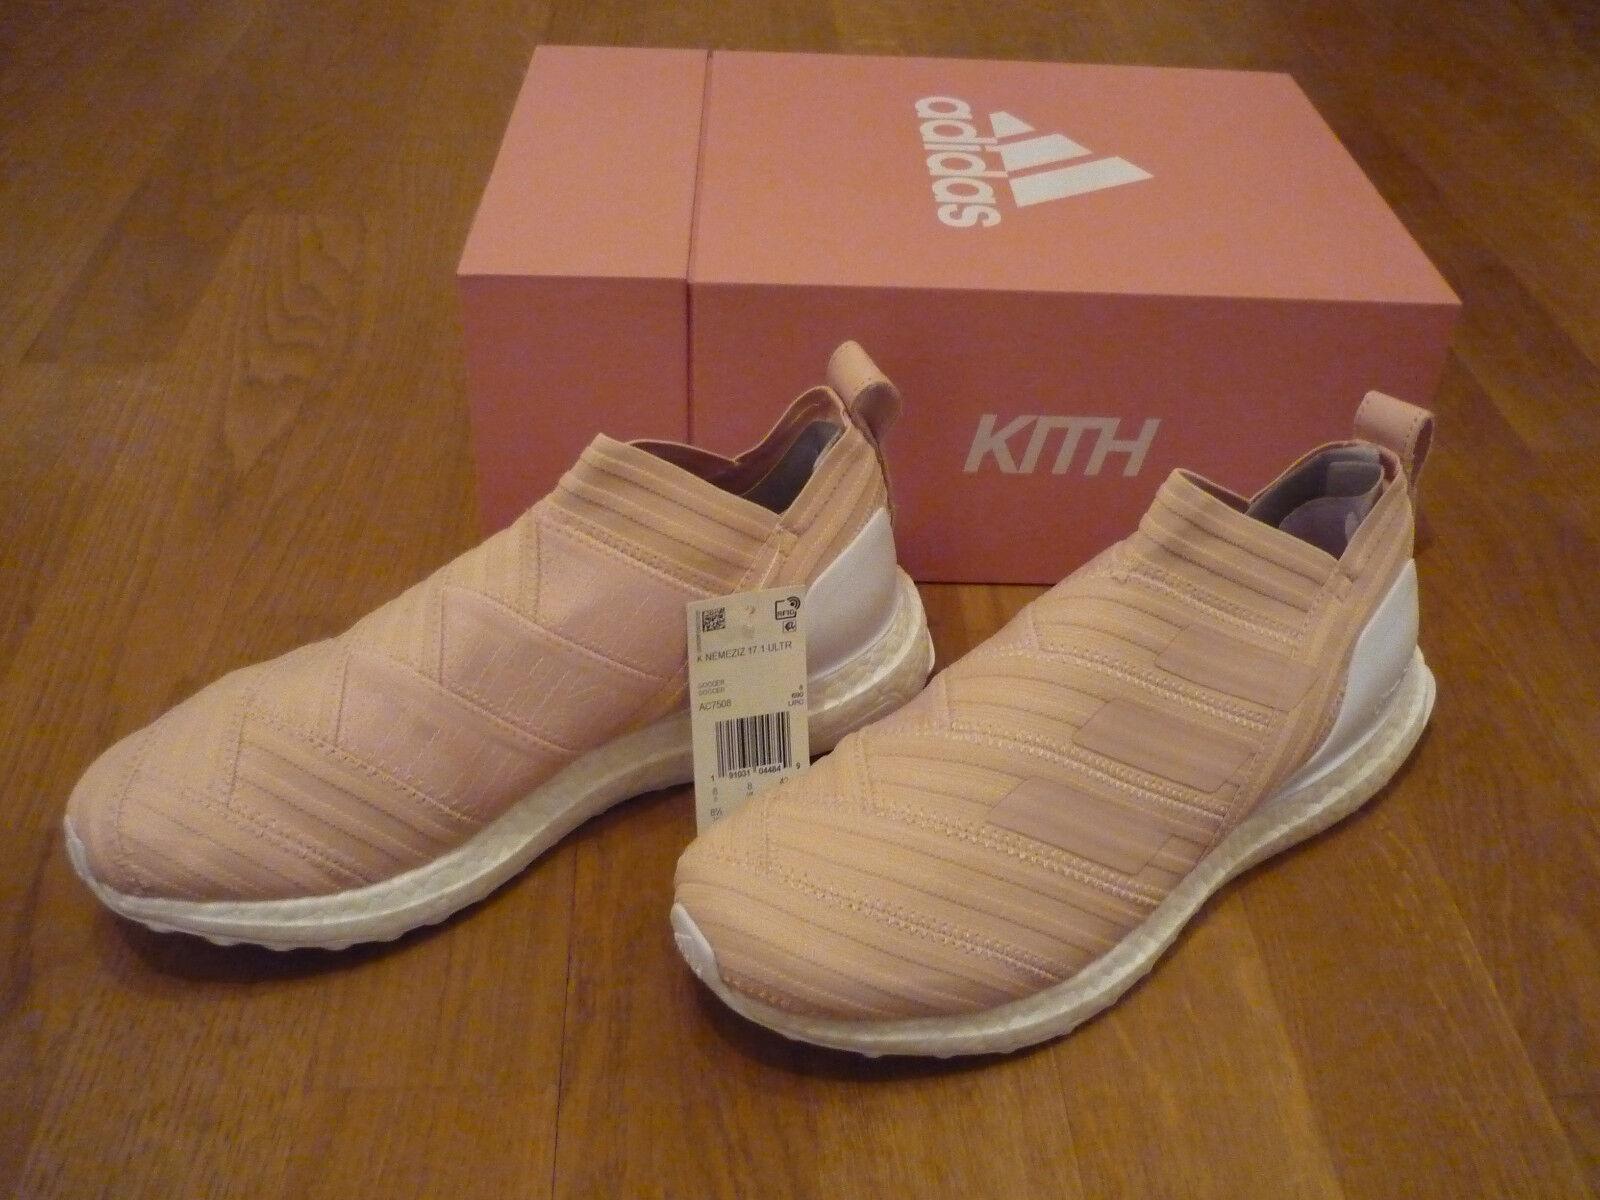 Kith x adidas Soccer nemeziz 17.1 ultra Boost Flamingo us 8,5 UE 42 Ronnie Fieg